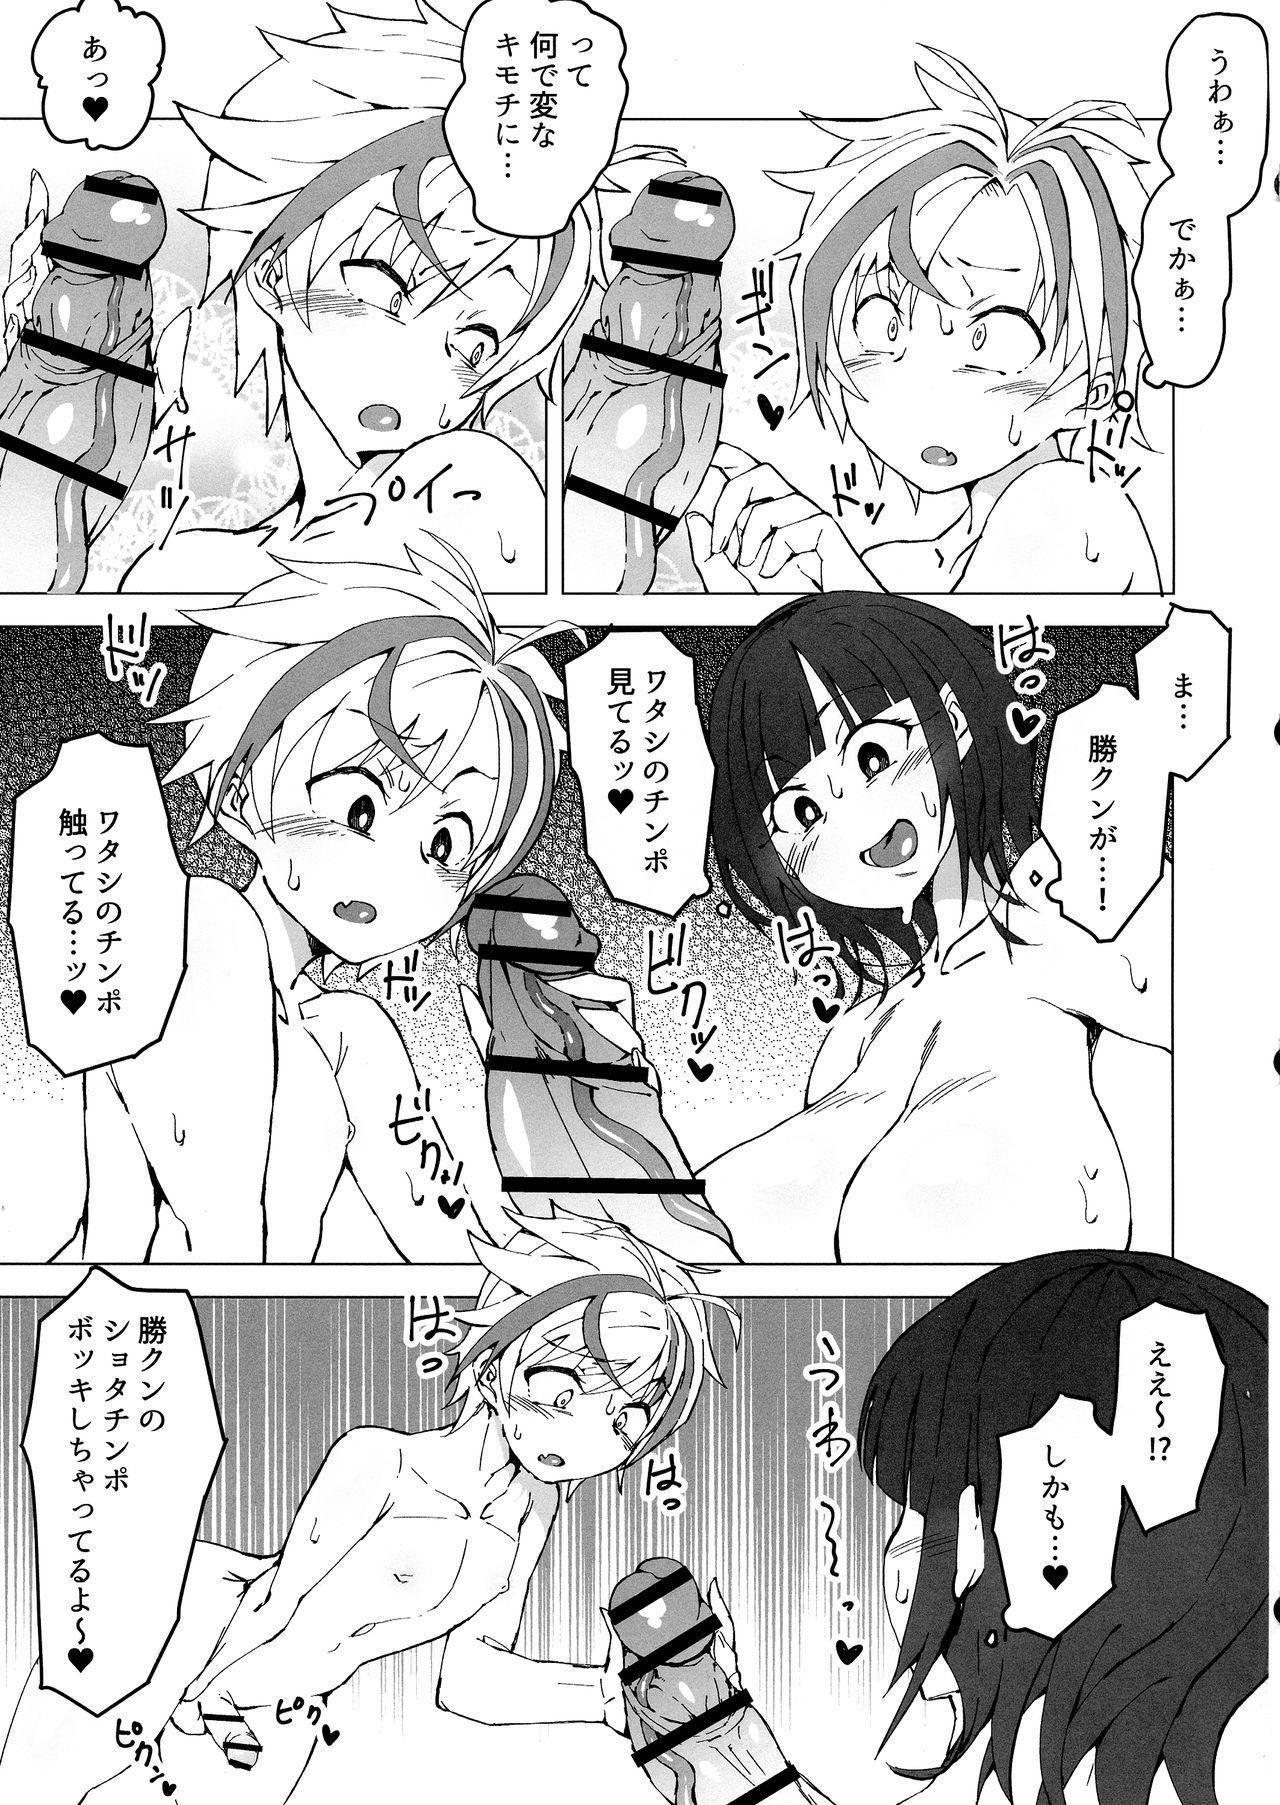 Suzuka Utako no 'Oshiri Horasenasai yo!' 6